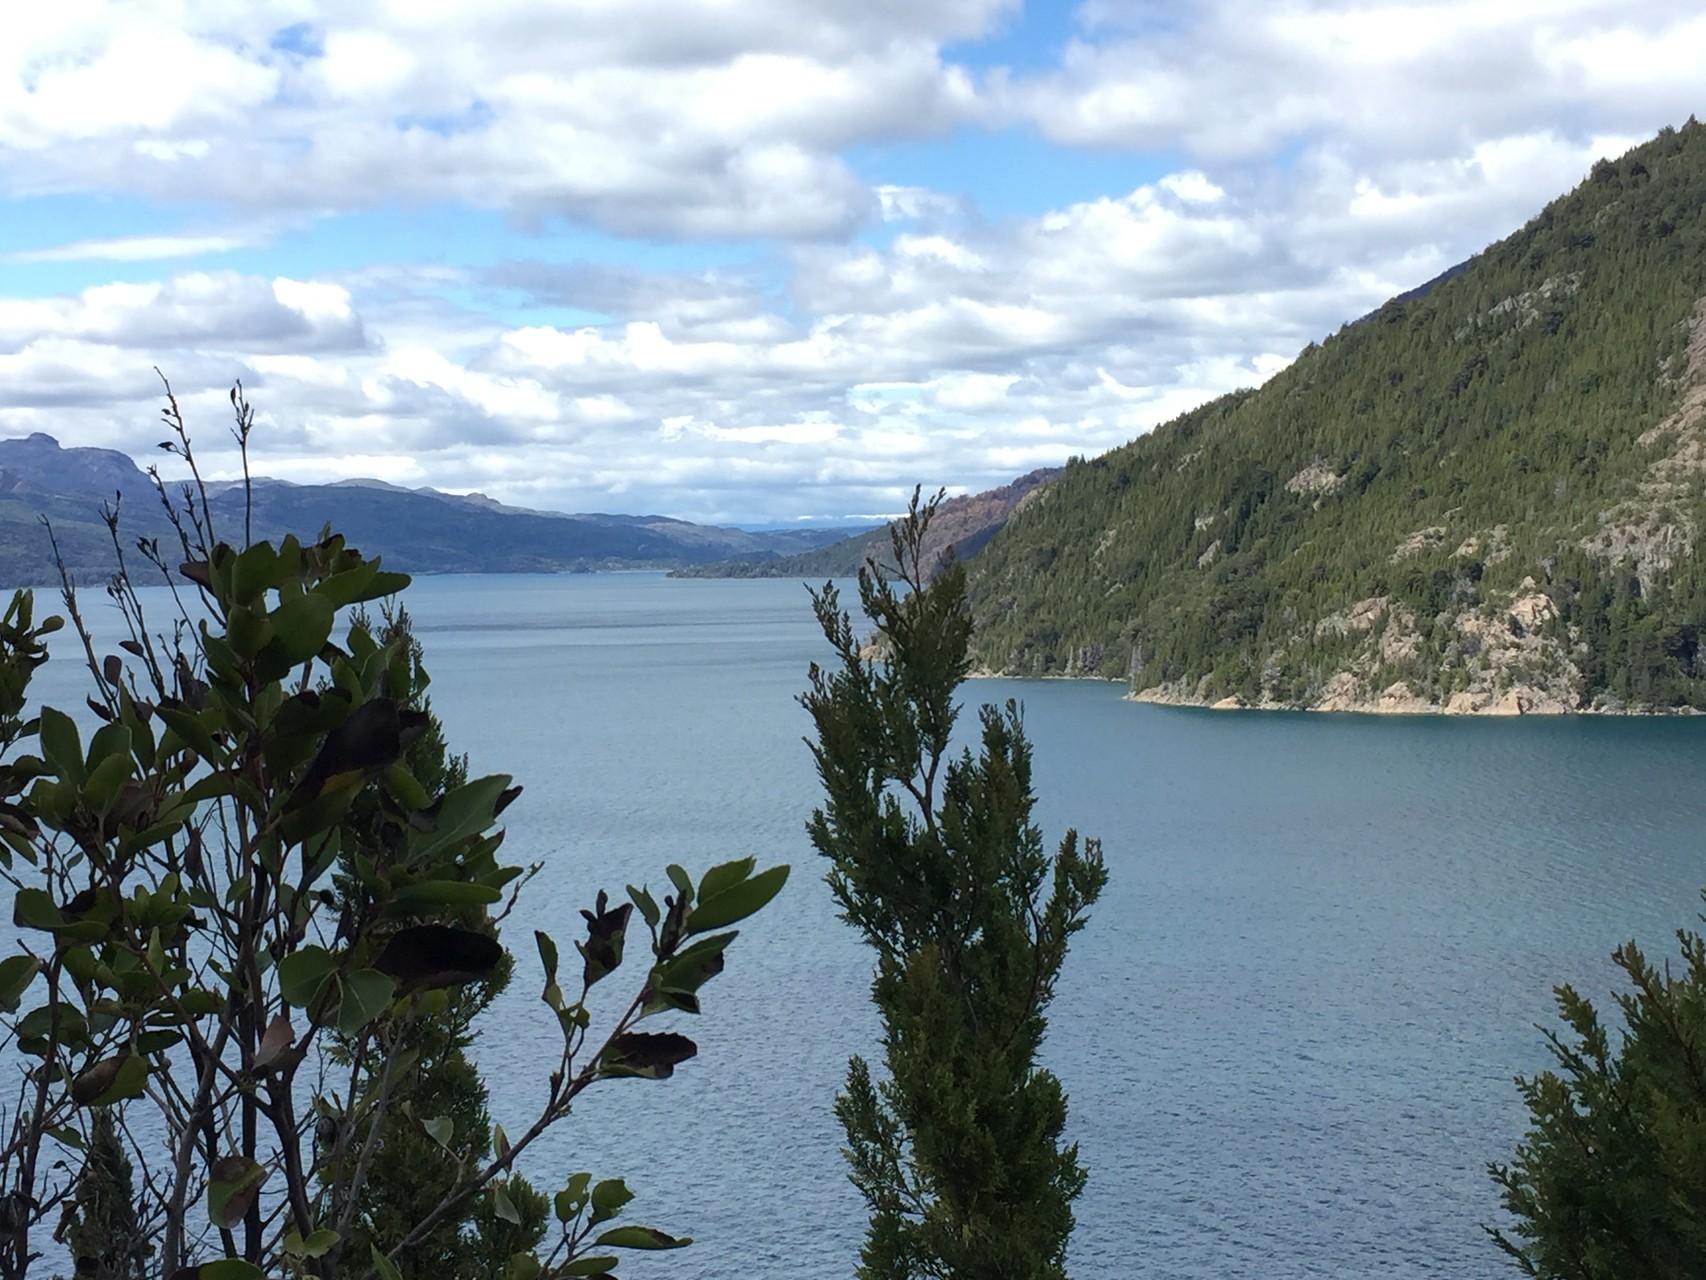 erster Eindruck vom Nationalpark Los Alerces